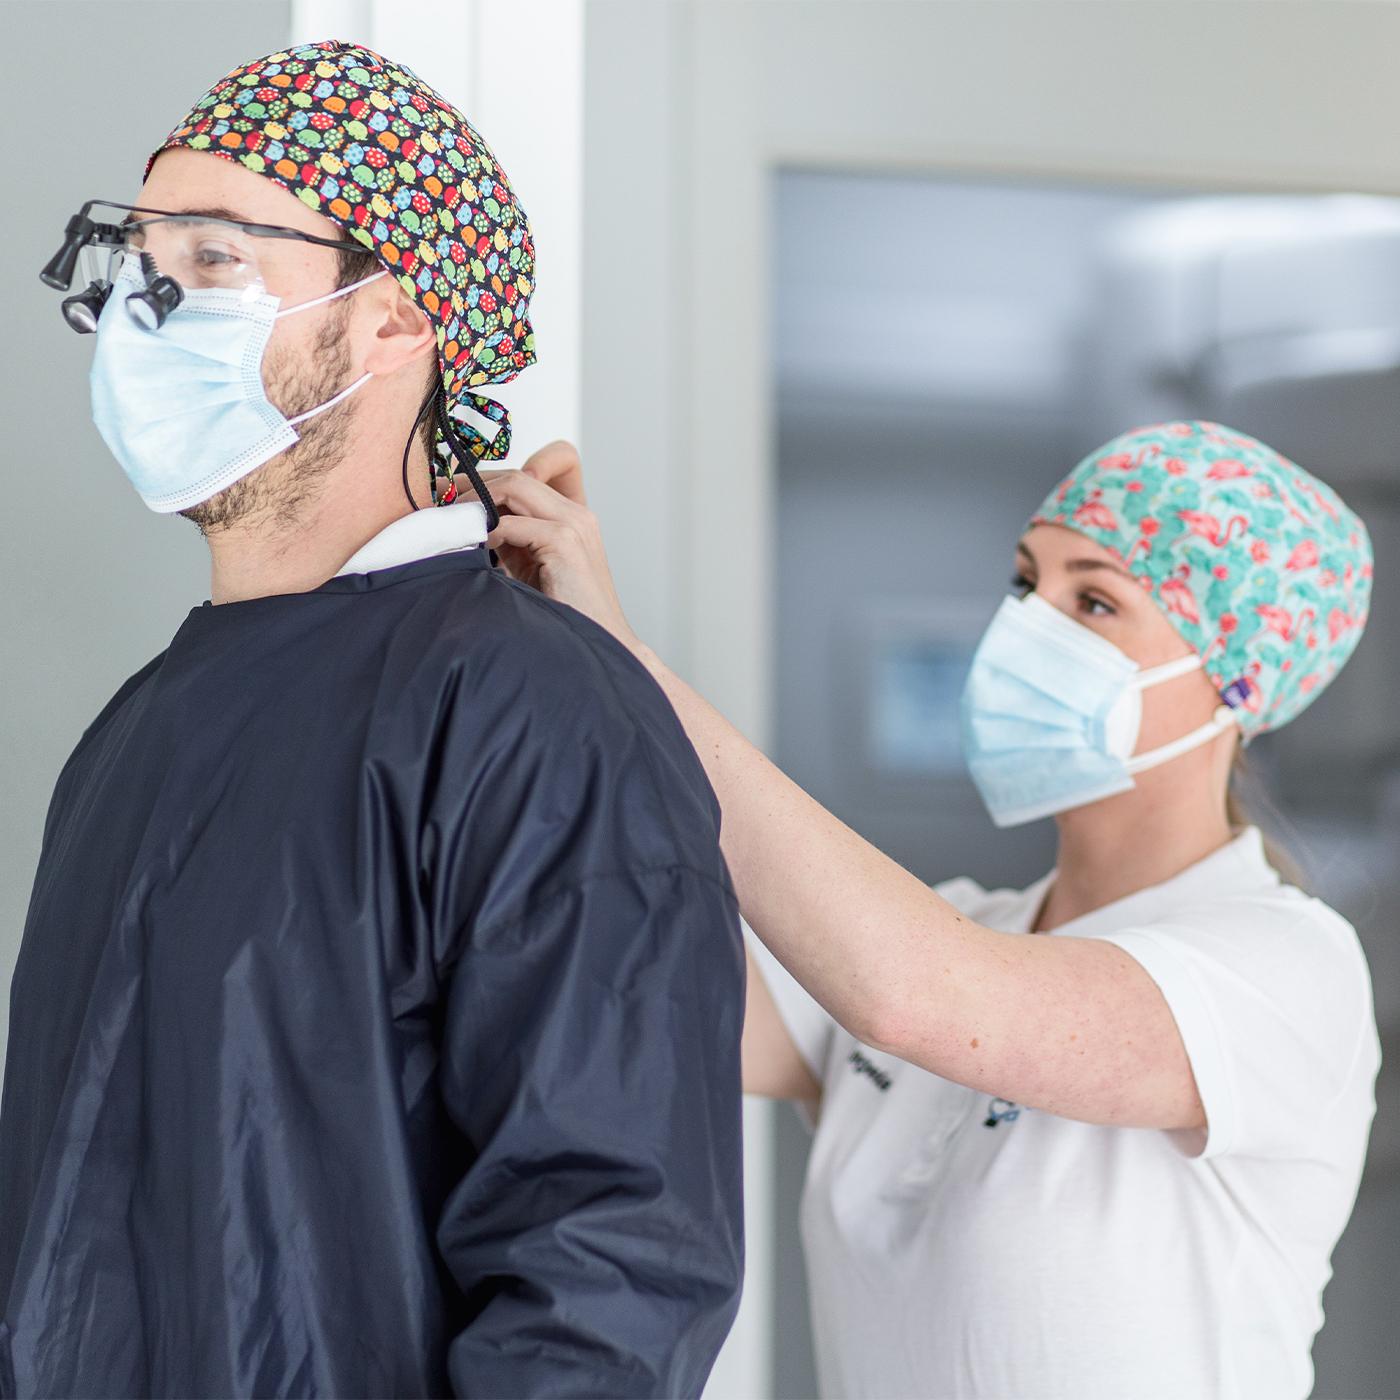 Anestesista se prepara para sedacion consciente de paciente